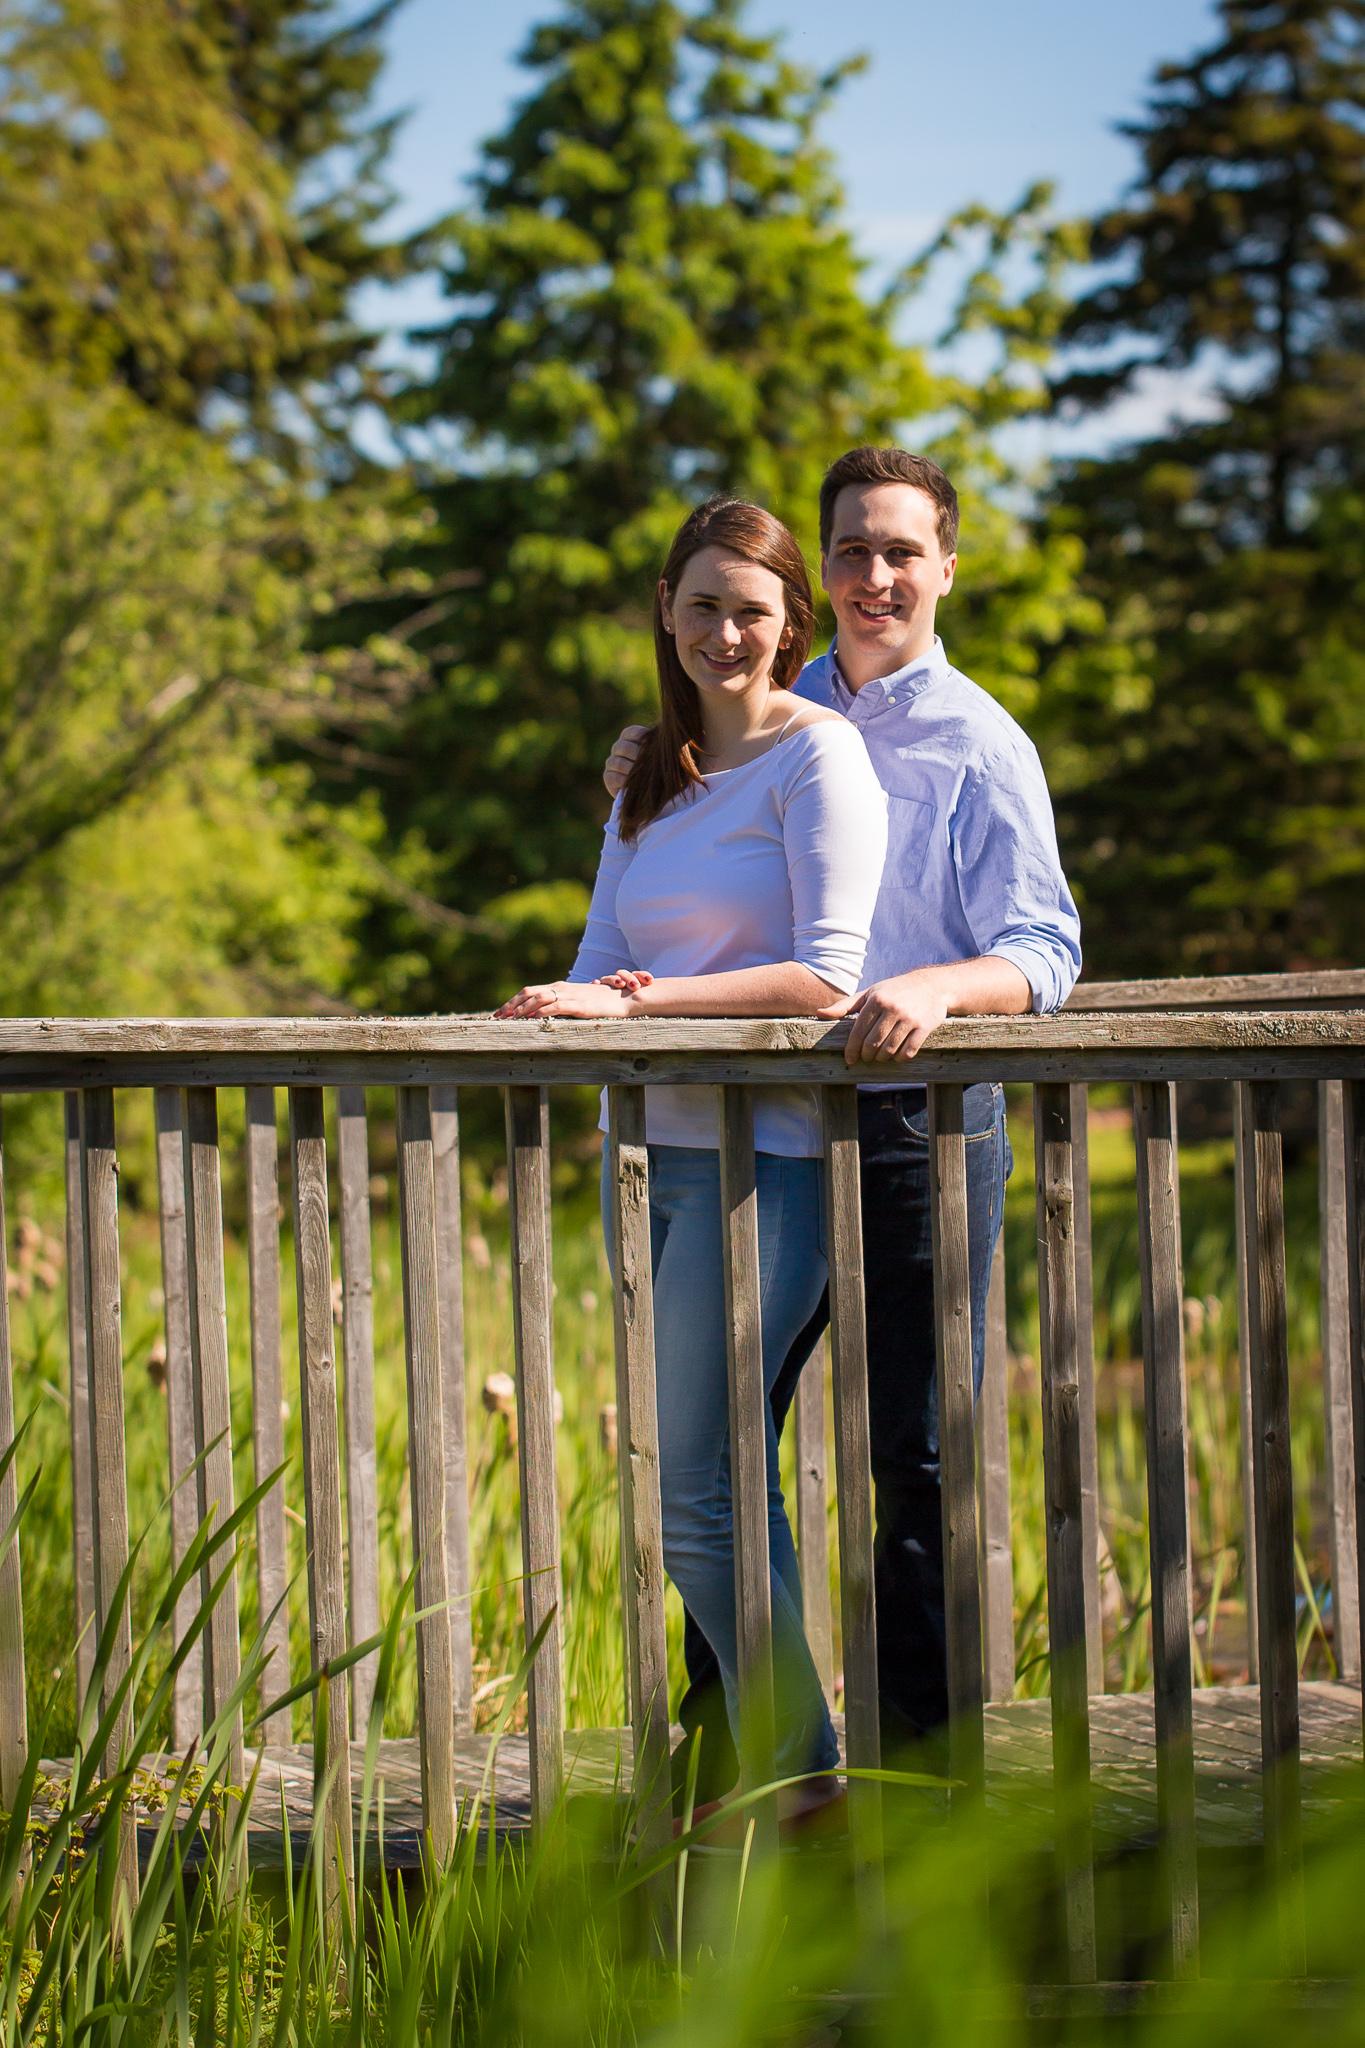 Engagement Photoshoot 10